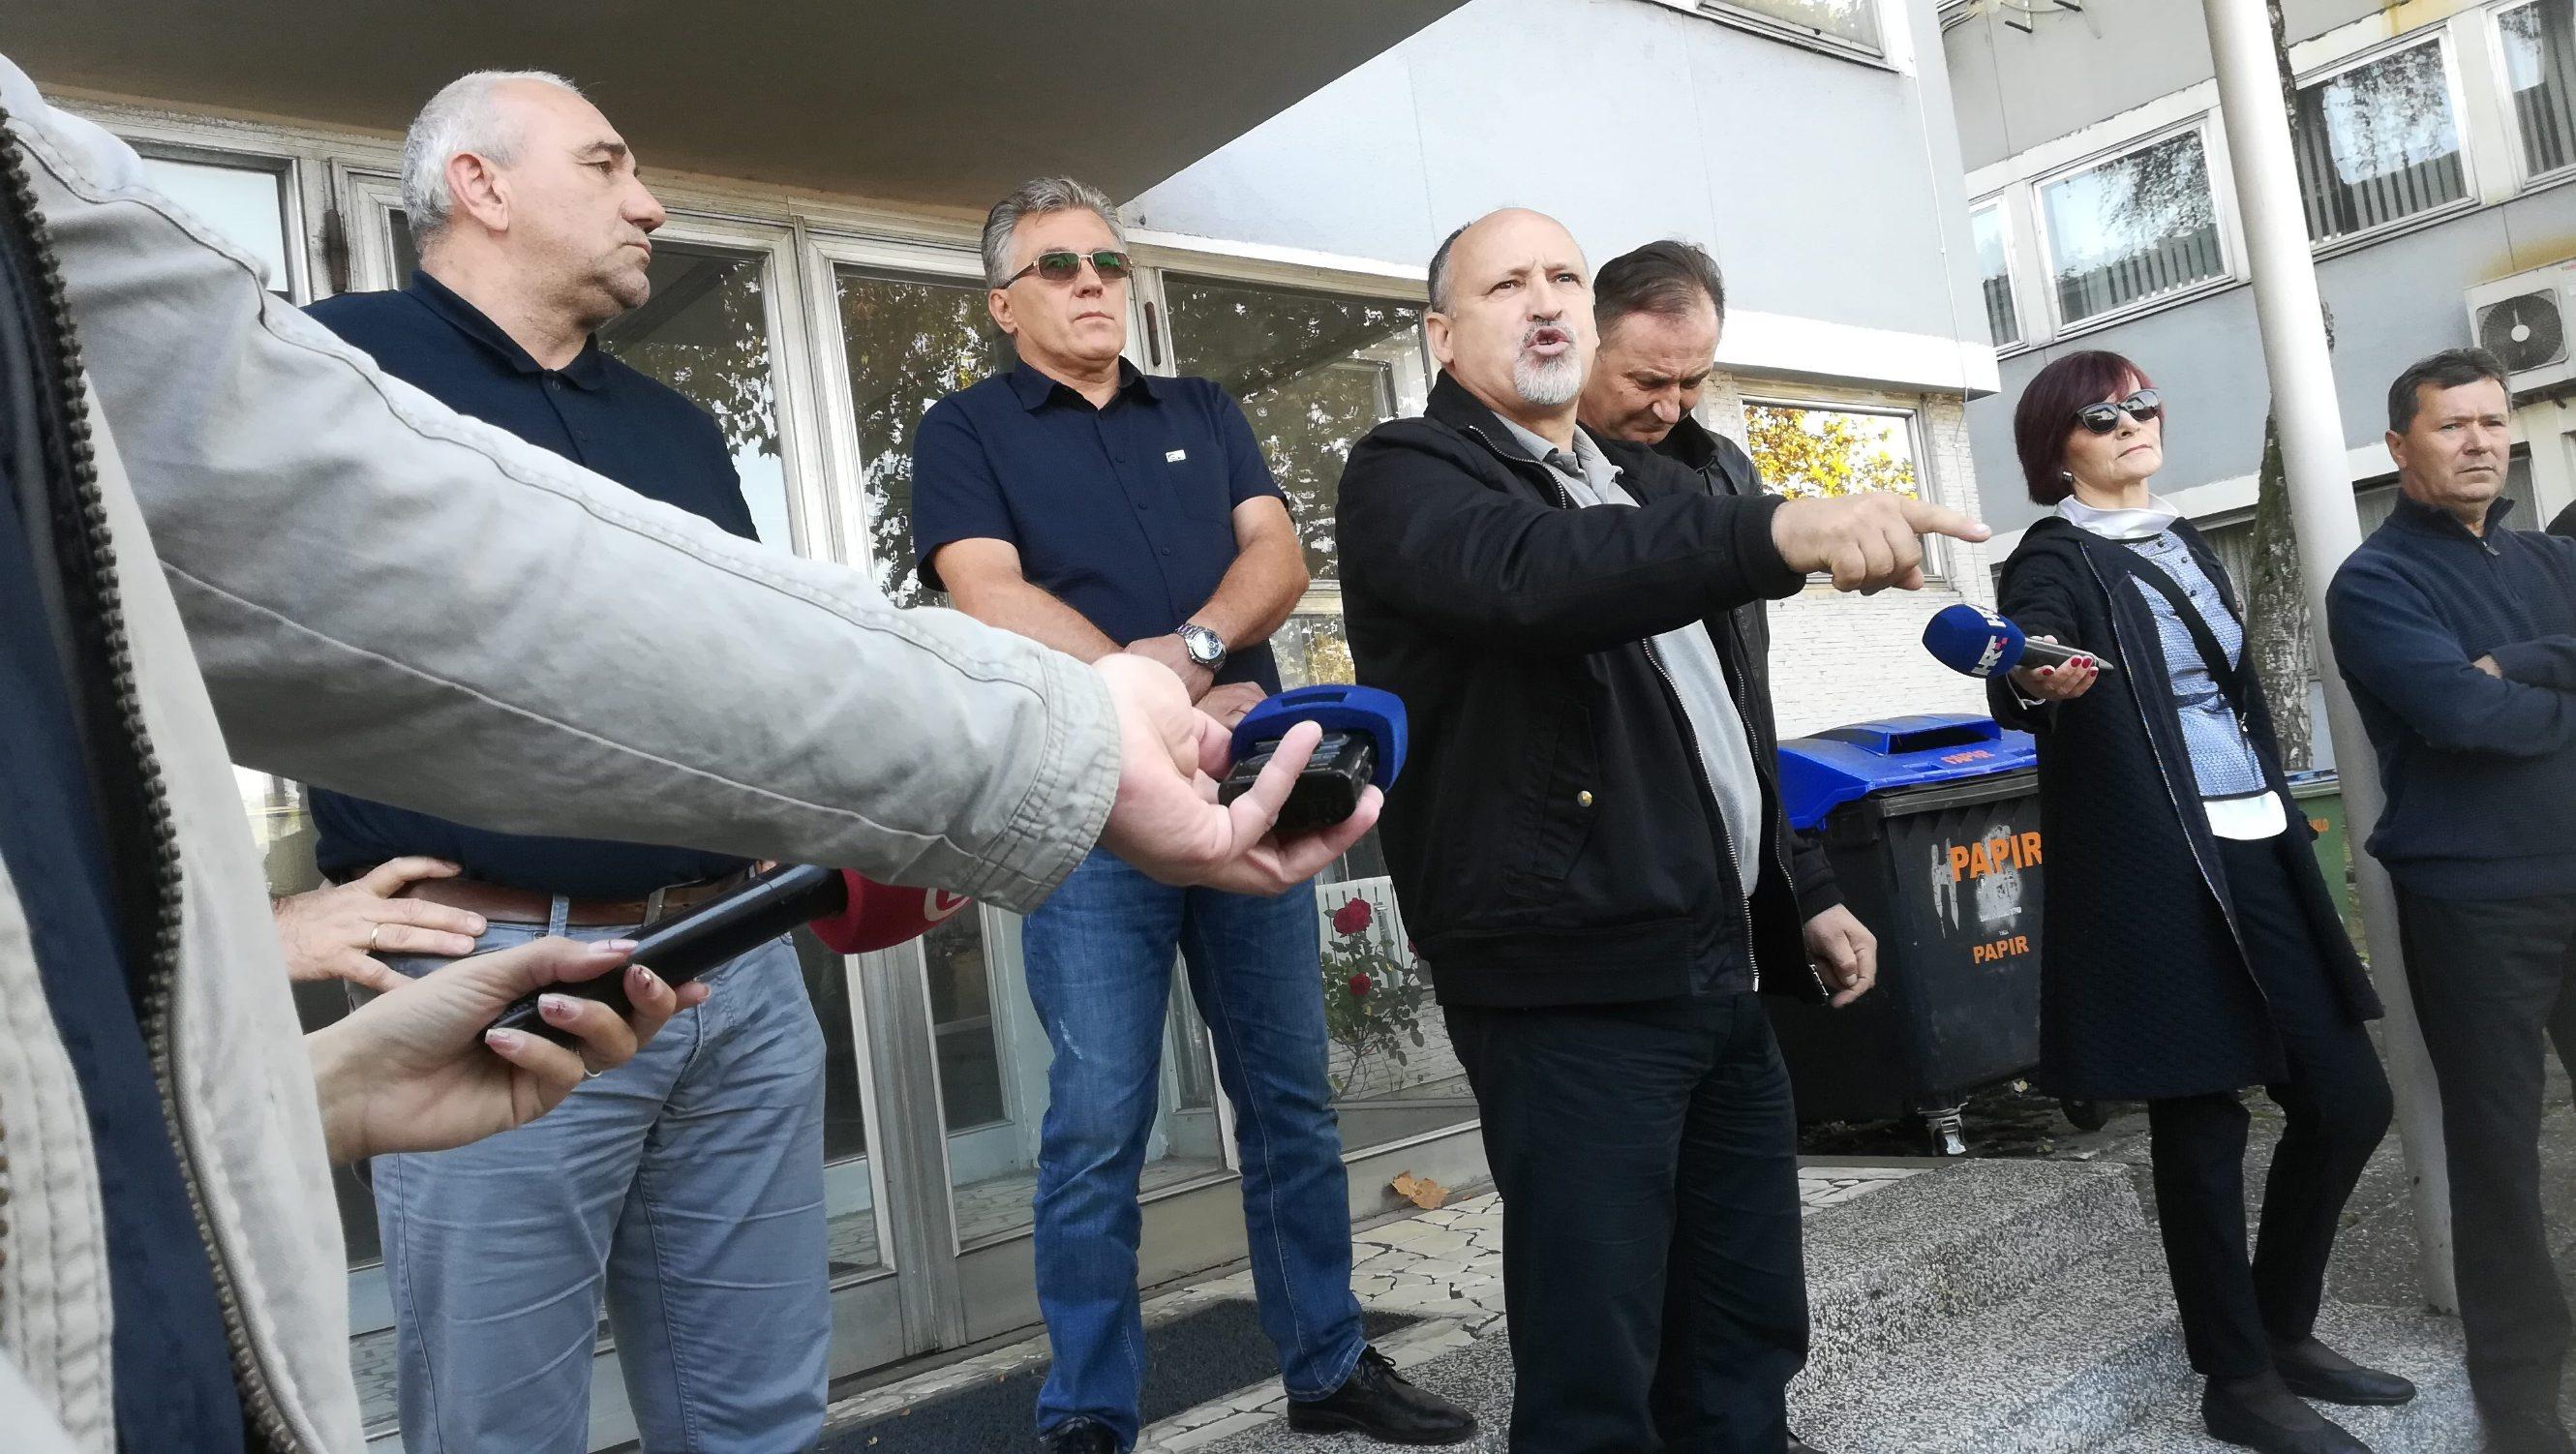 Slavonski Brod, 241019. Strajk oko 700 radnika 3 tvrtke grupacije Djuro Djakovic, Specijalna vozila, Industrijska postrojenja i Grupa. Foto: Danijel Soldo / CROPIX